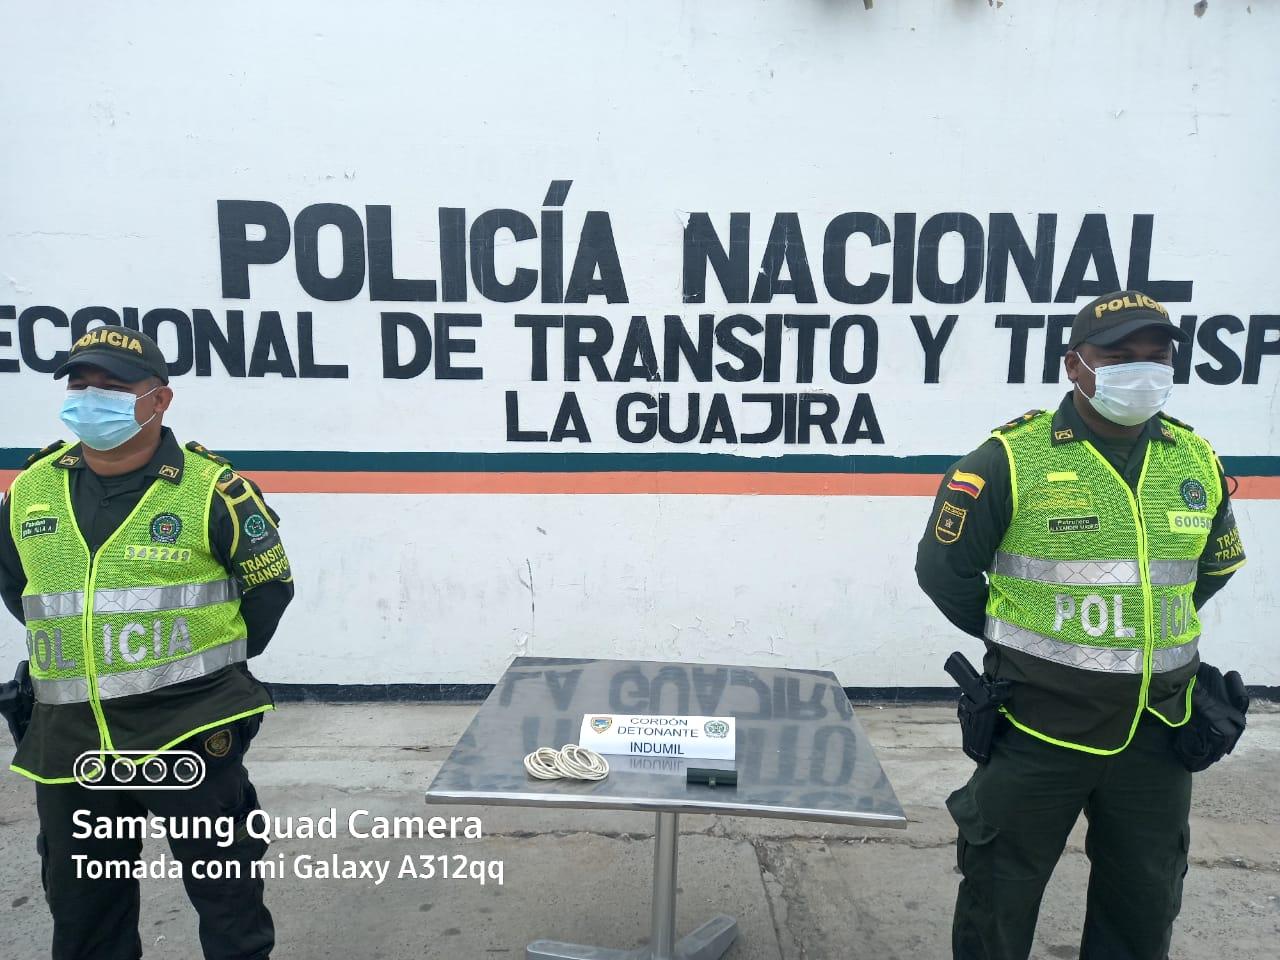 hoyennoticia.com, Huyeron y botaron material explosivo cerca a Cuestecita